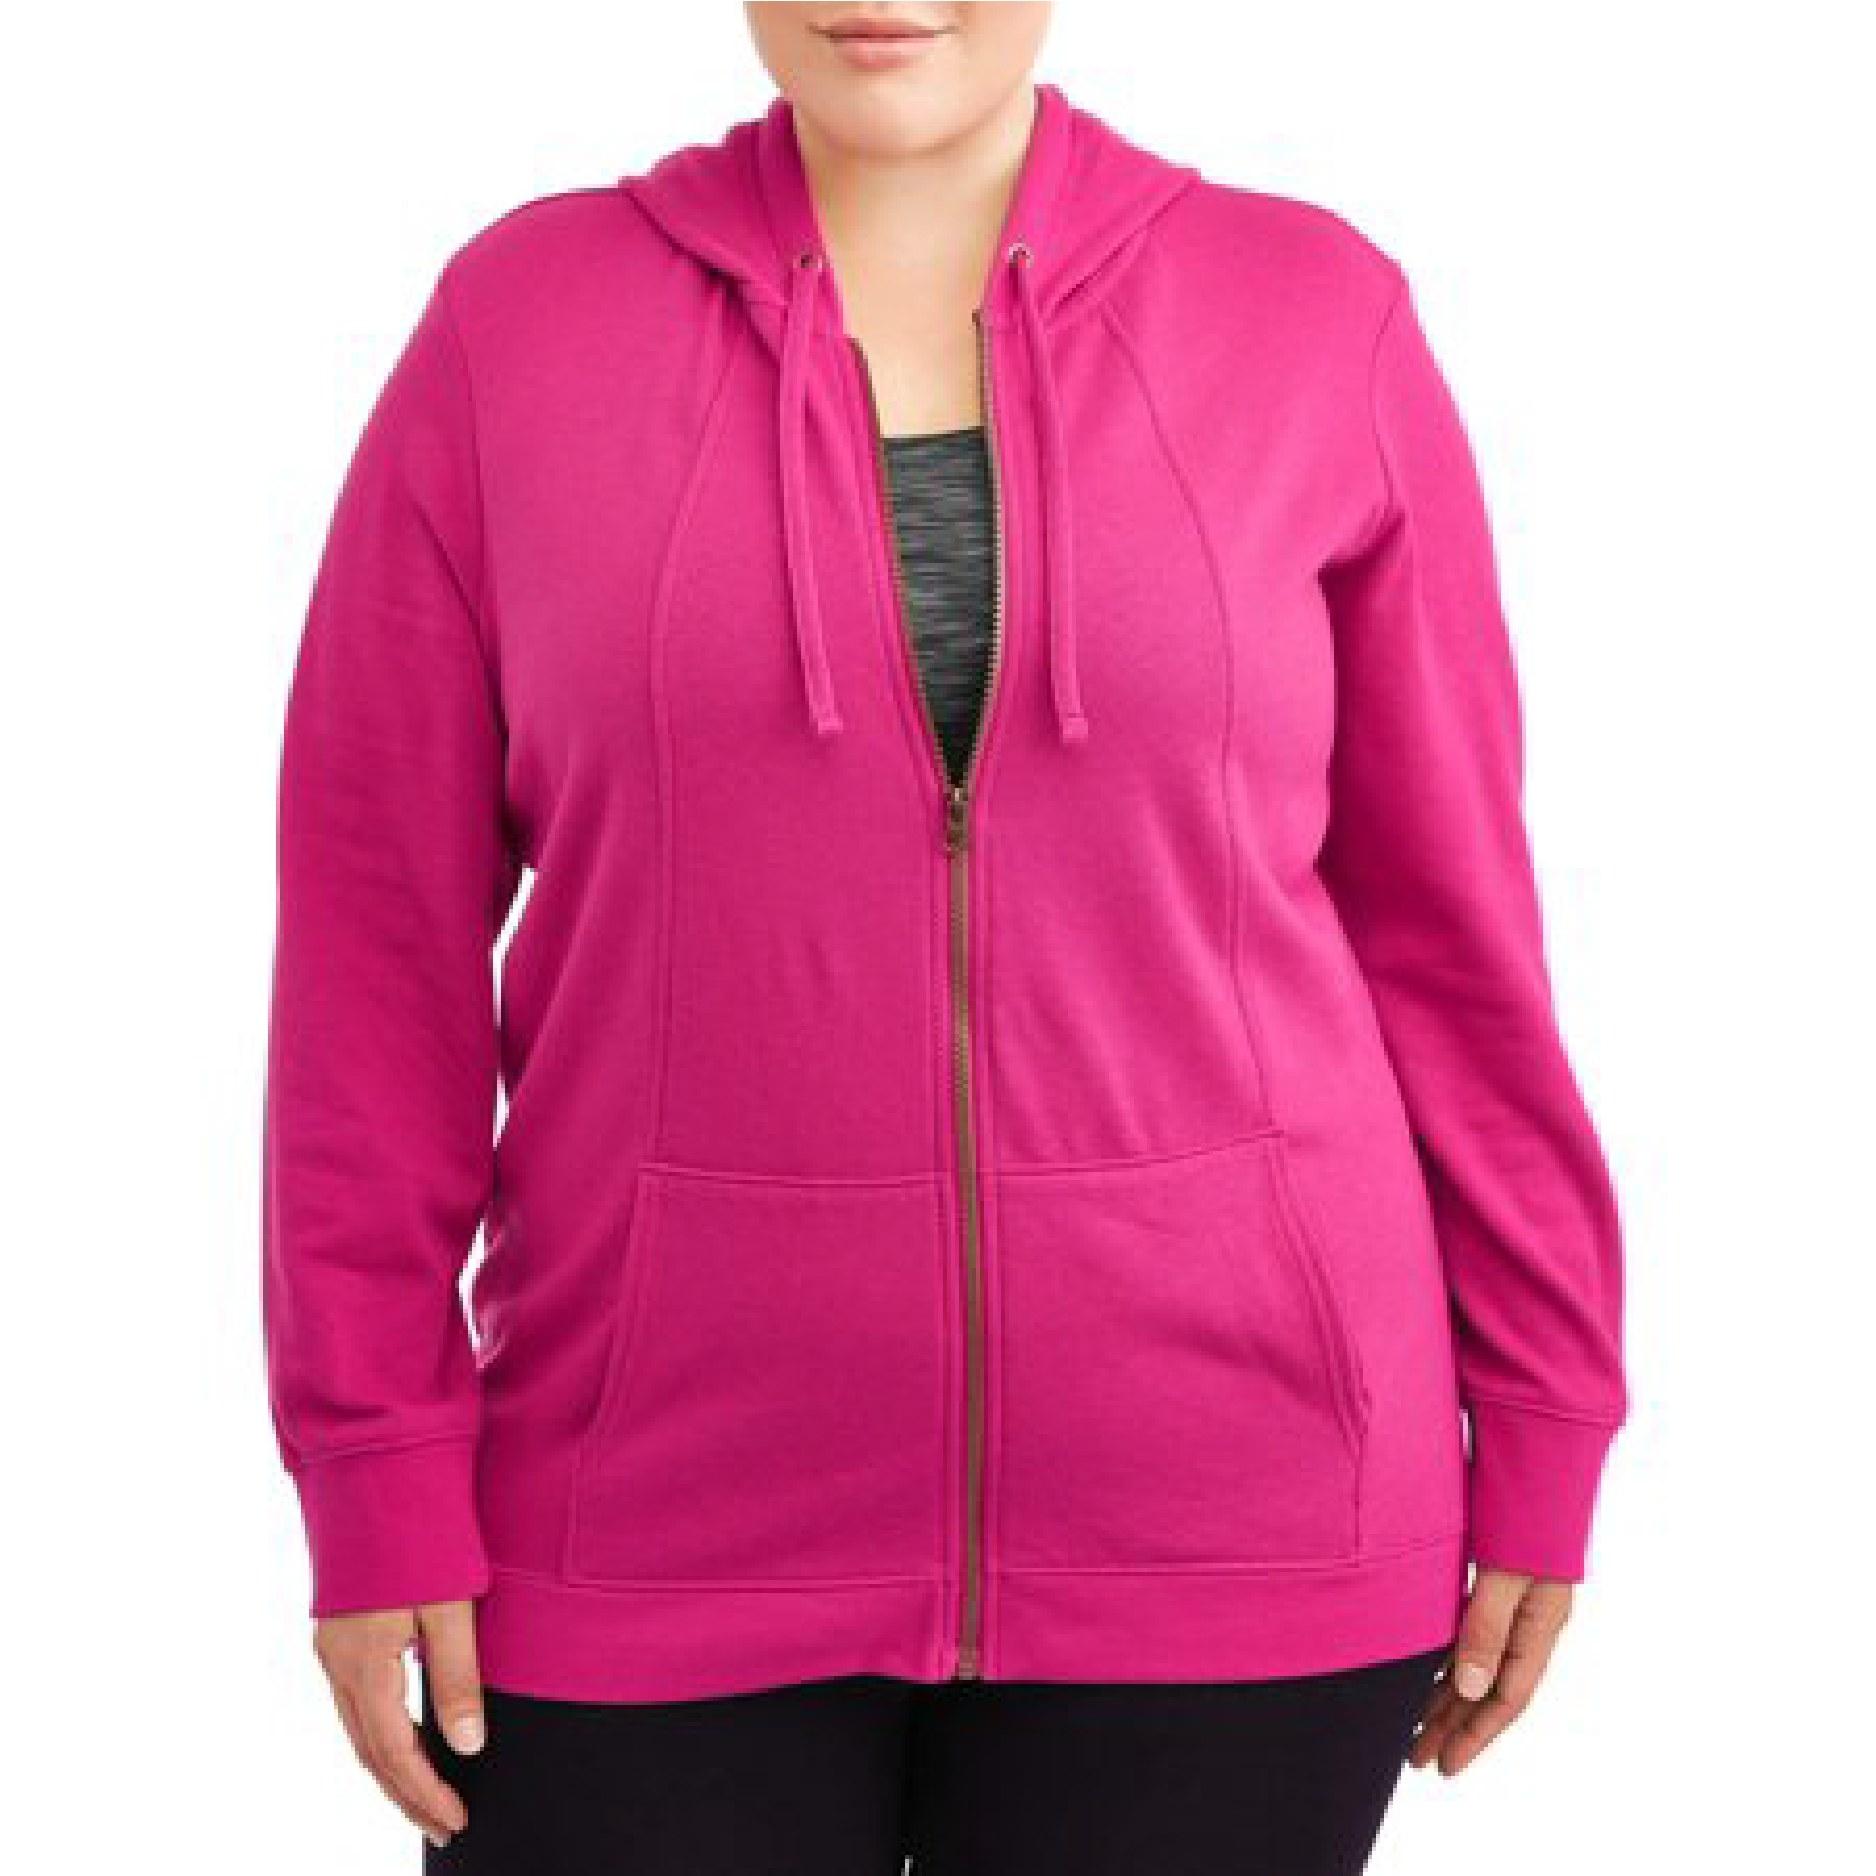 Model wearing the pink zip-up hoodie